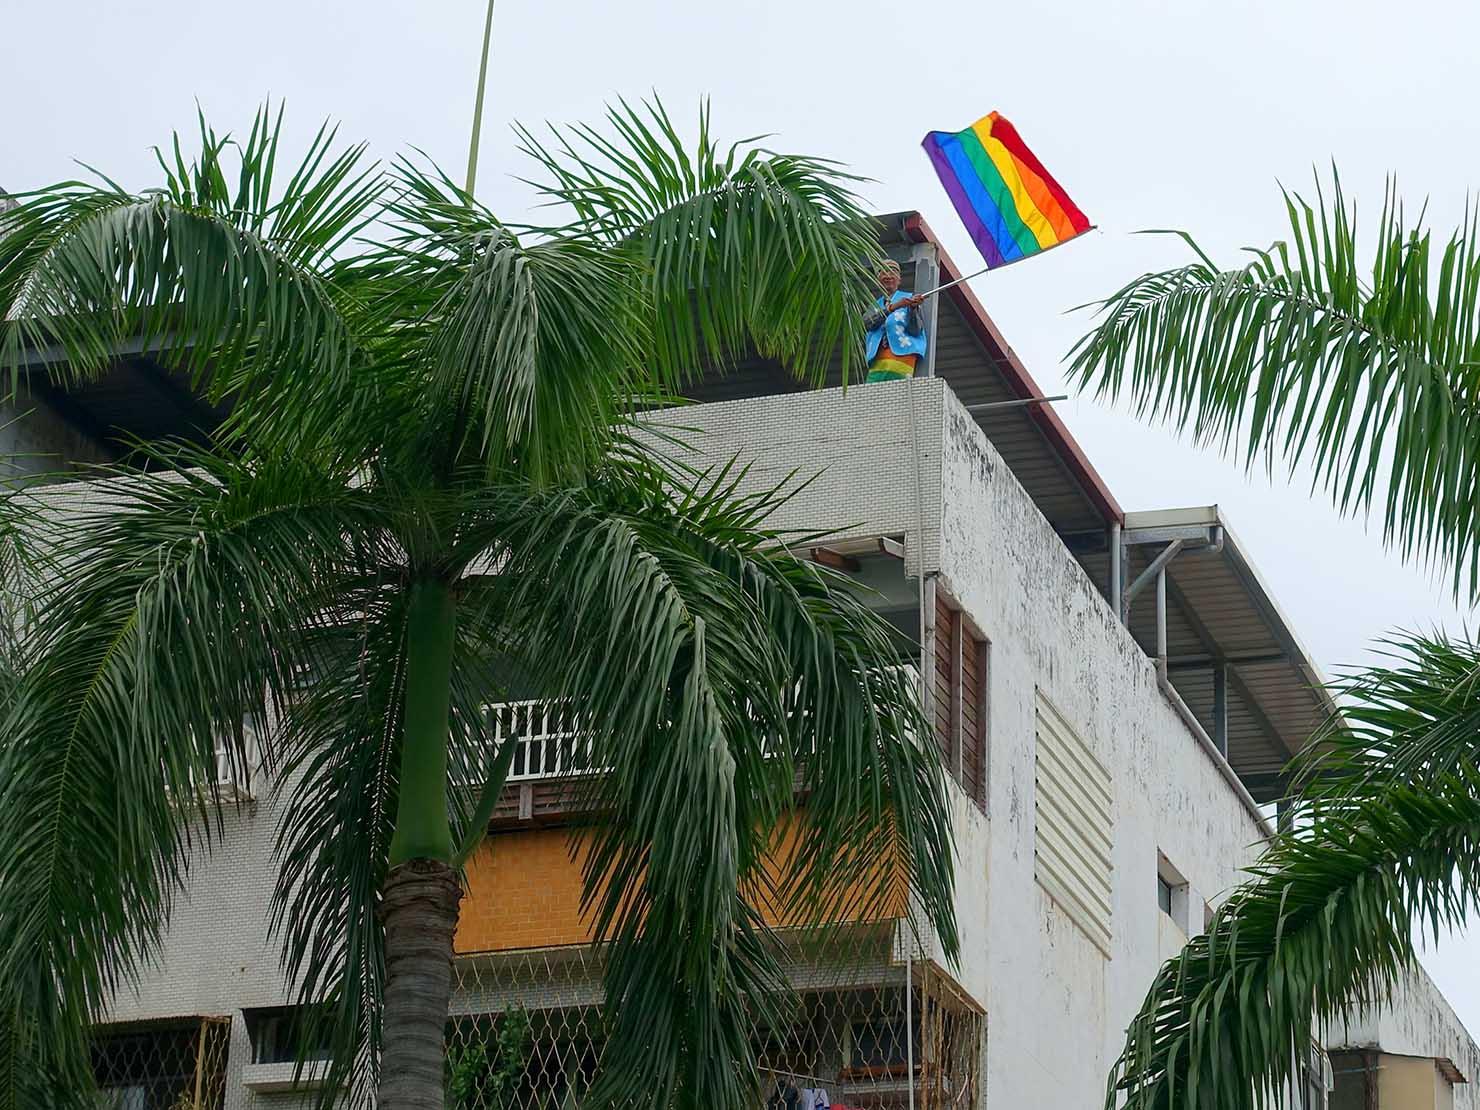 花東彩虹嘉年華(台湾東部LGBTプライド / 花蓮場)のパレードでレインボーフラッグを振る祁家威氏